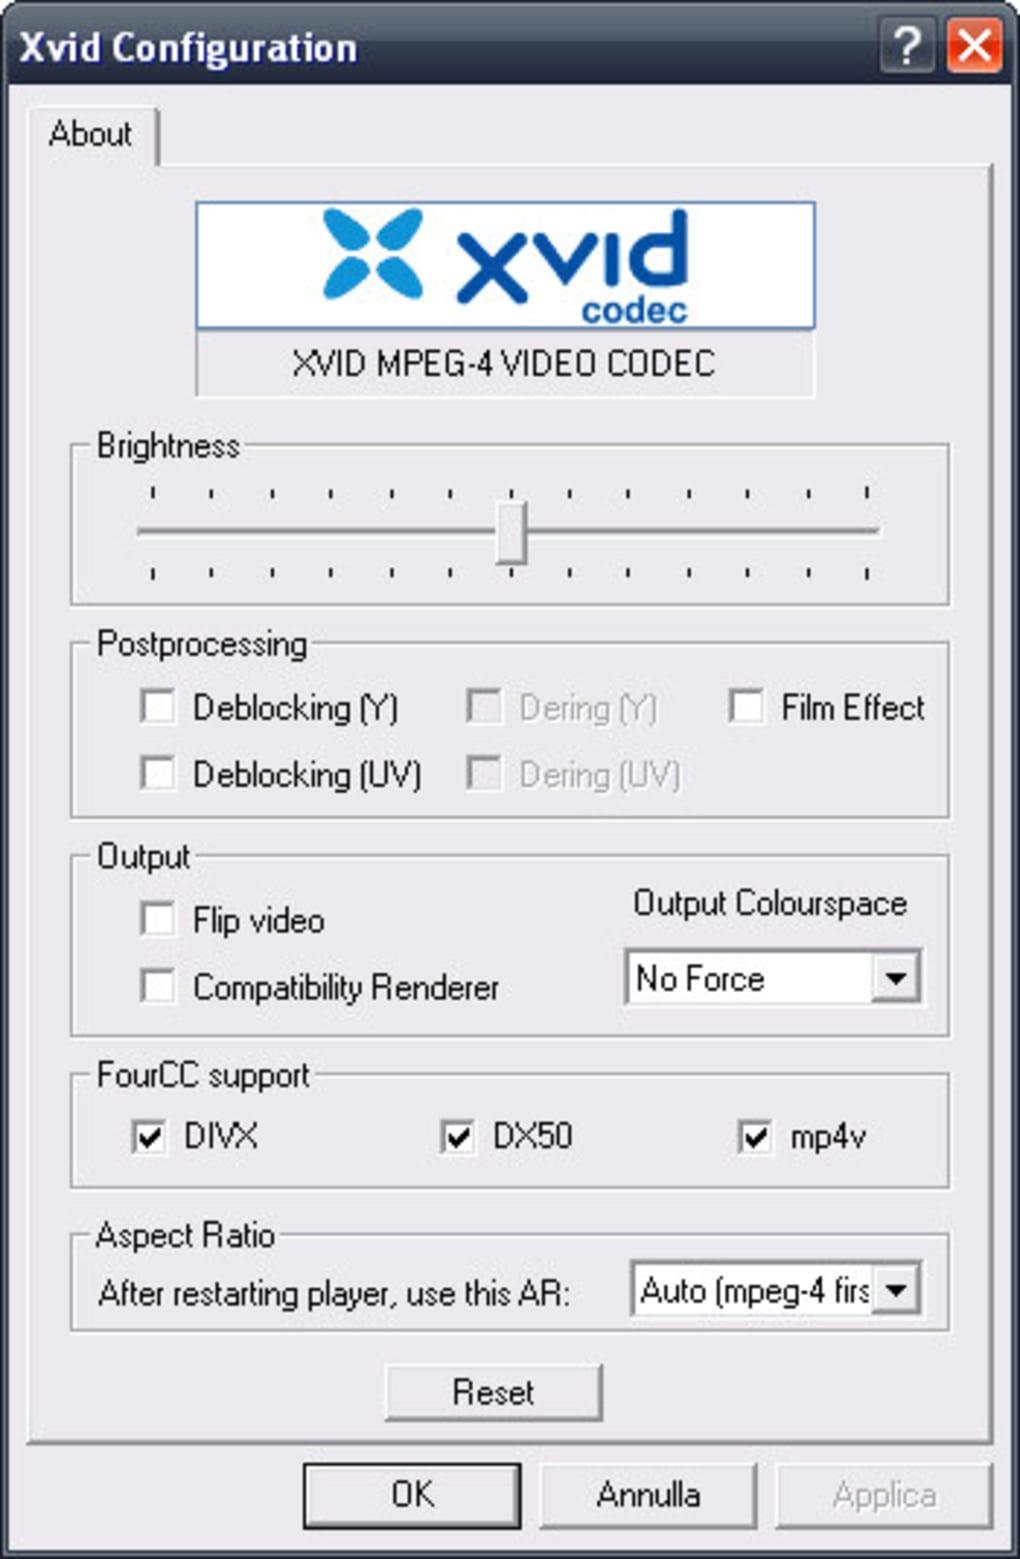 MPEG-4 TÉLÉCHARGER DX50 CODEC DIVX